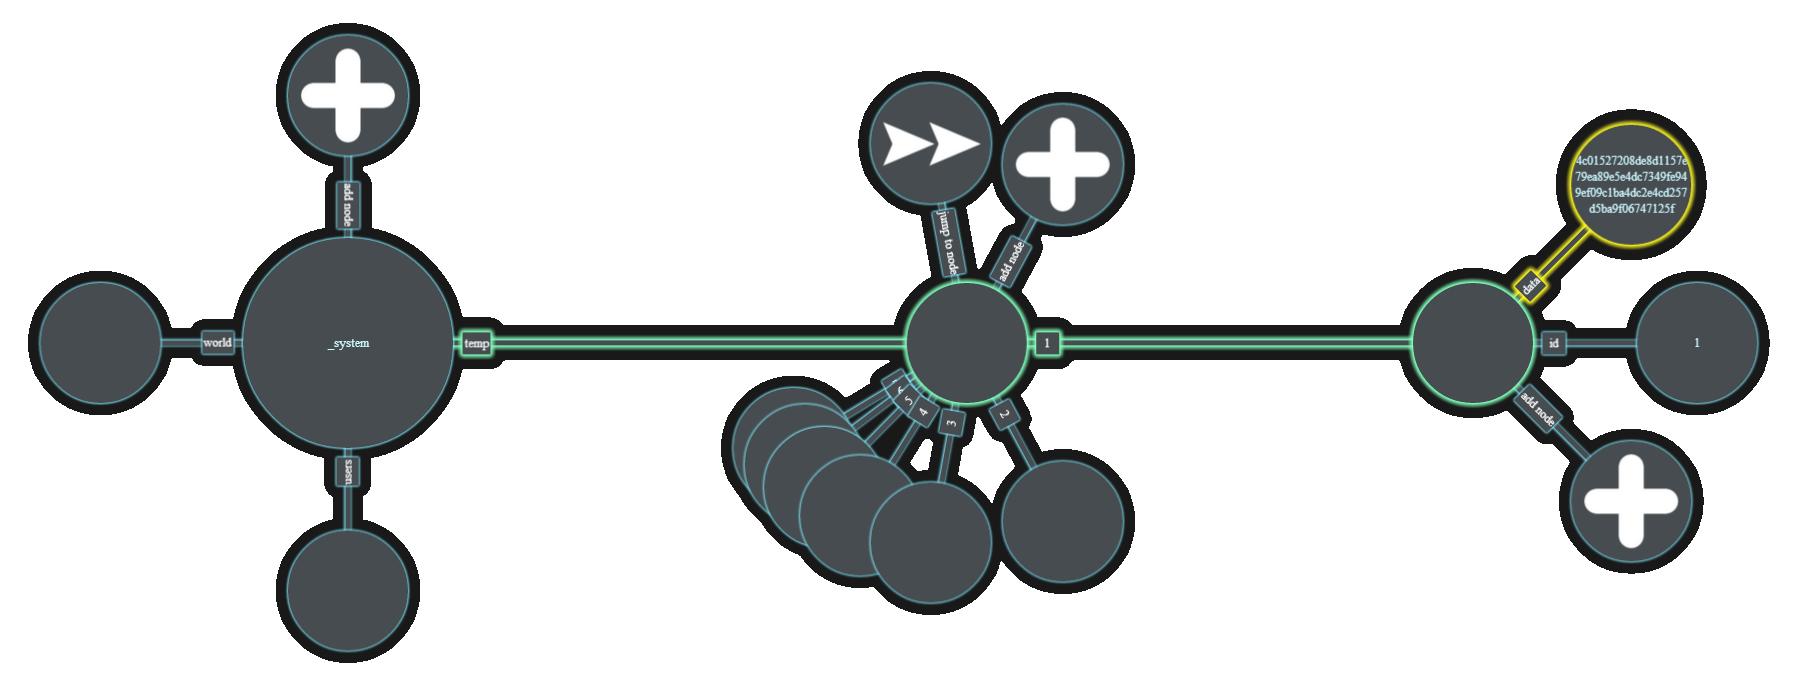 Инструмент администрирования GlobalsDB и тонкости работы с этой базой данных